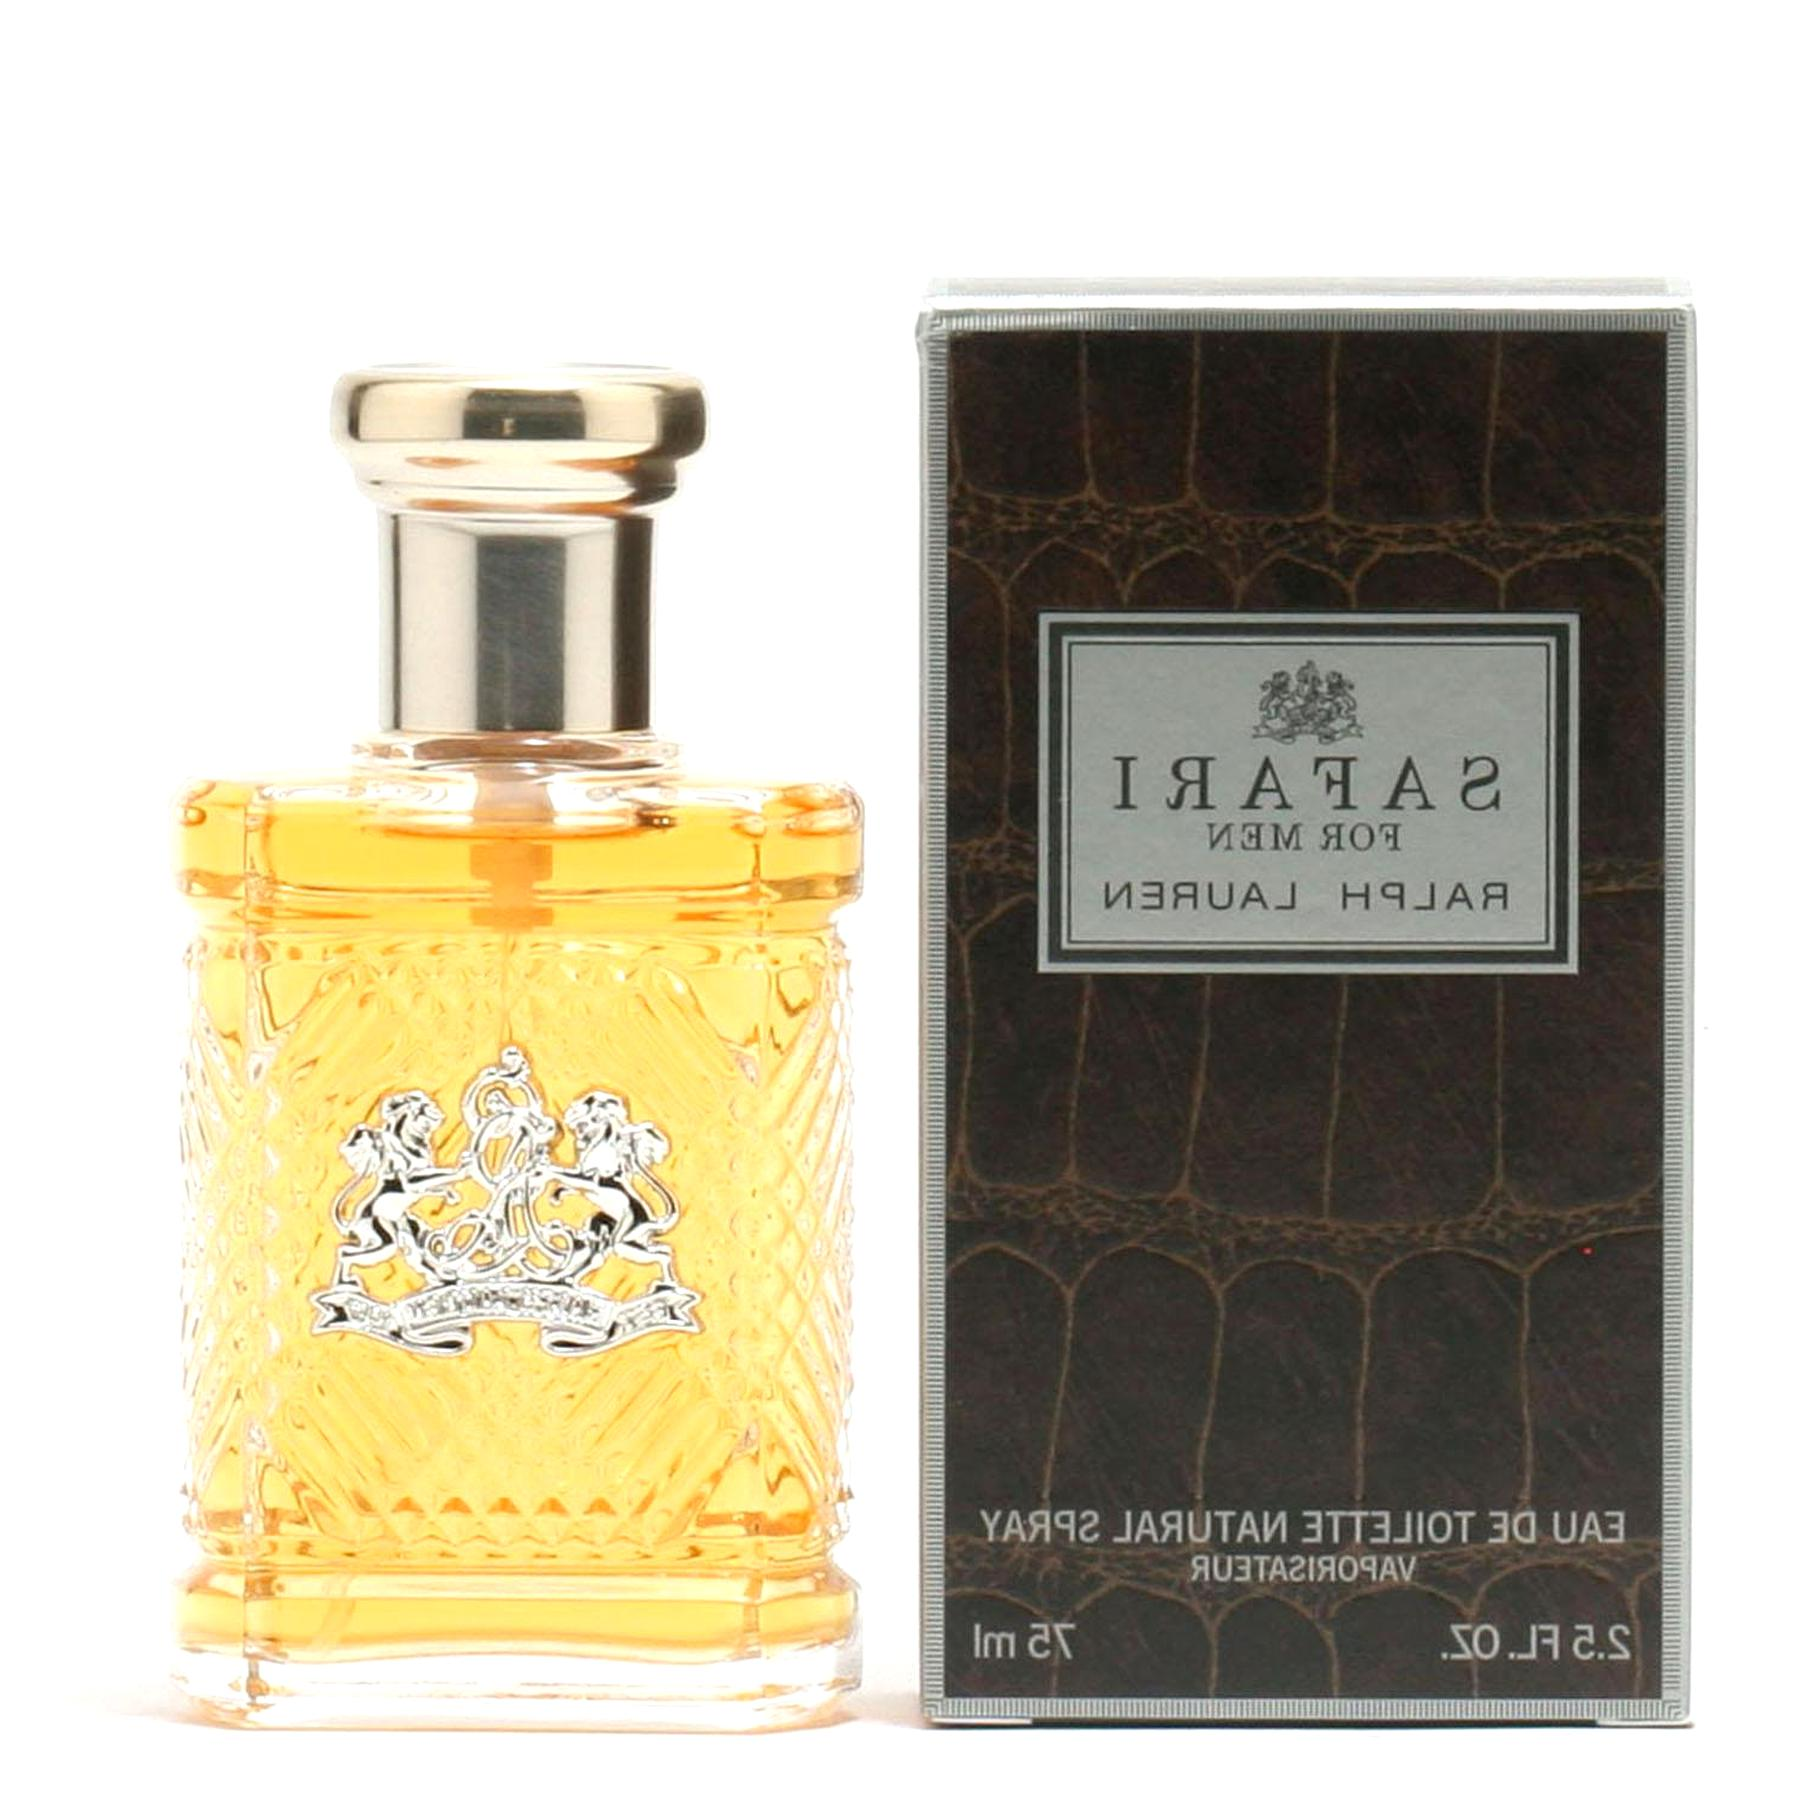 safari ralph lauren parfum gebraucht kaufen